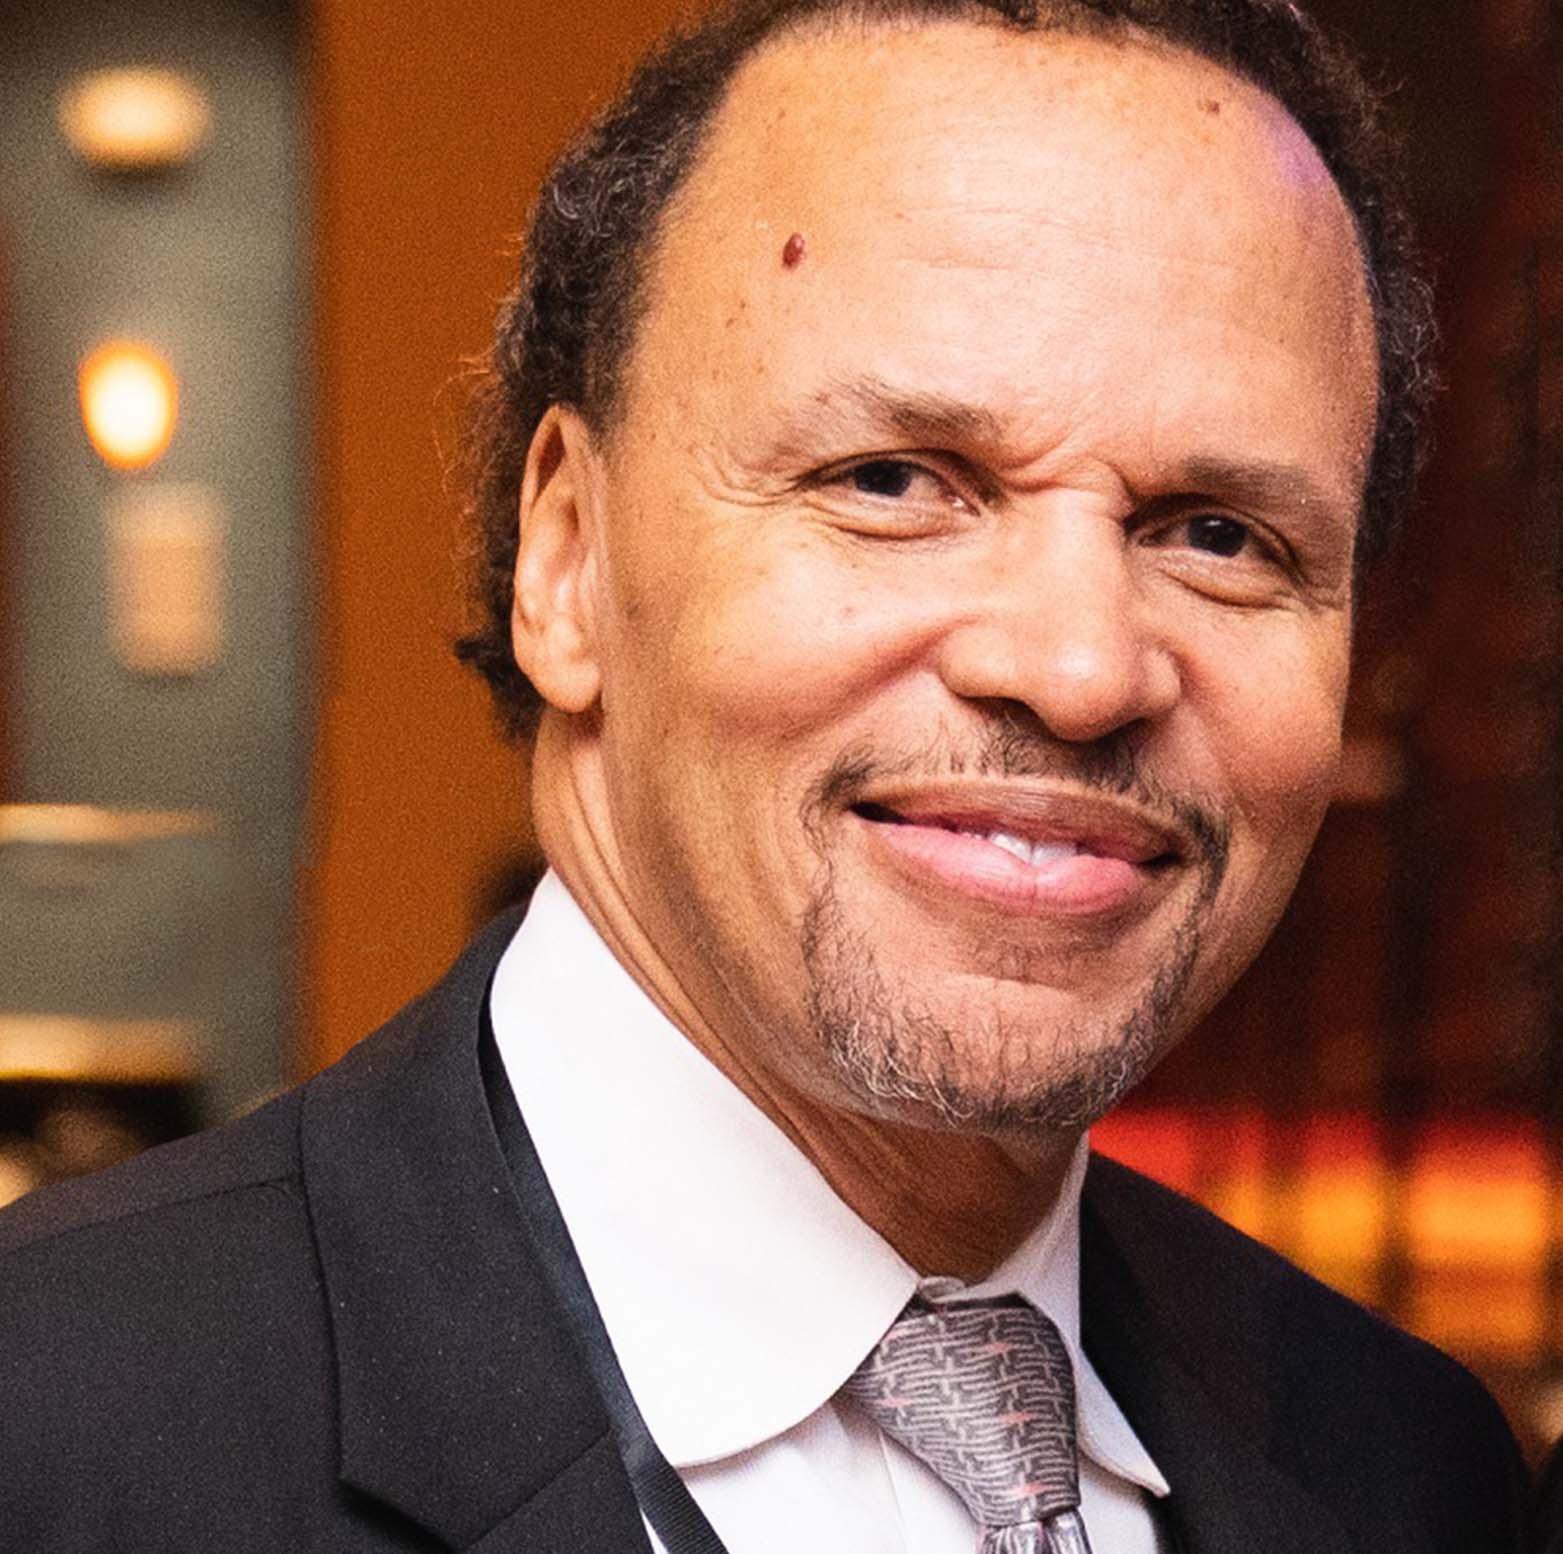 Michael L. Weaver, MD, FACEP